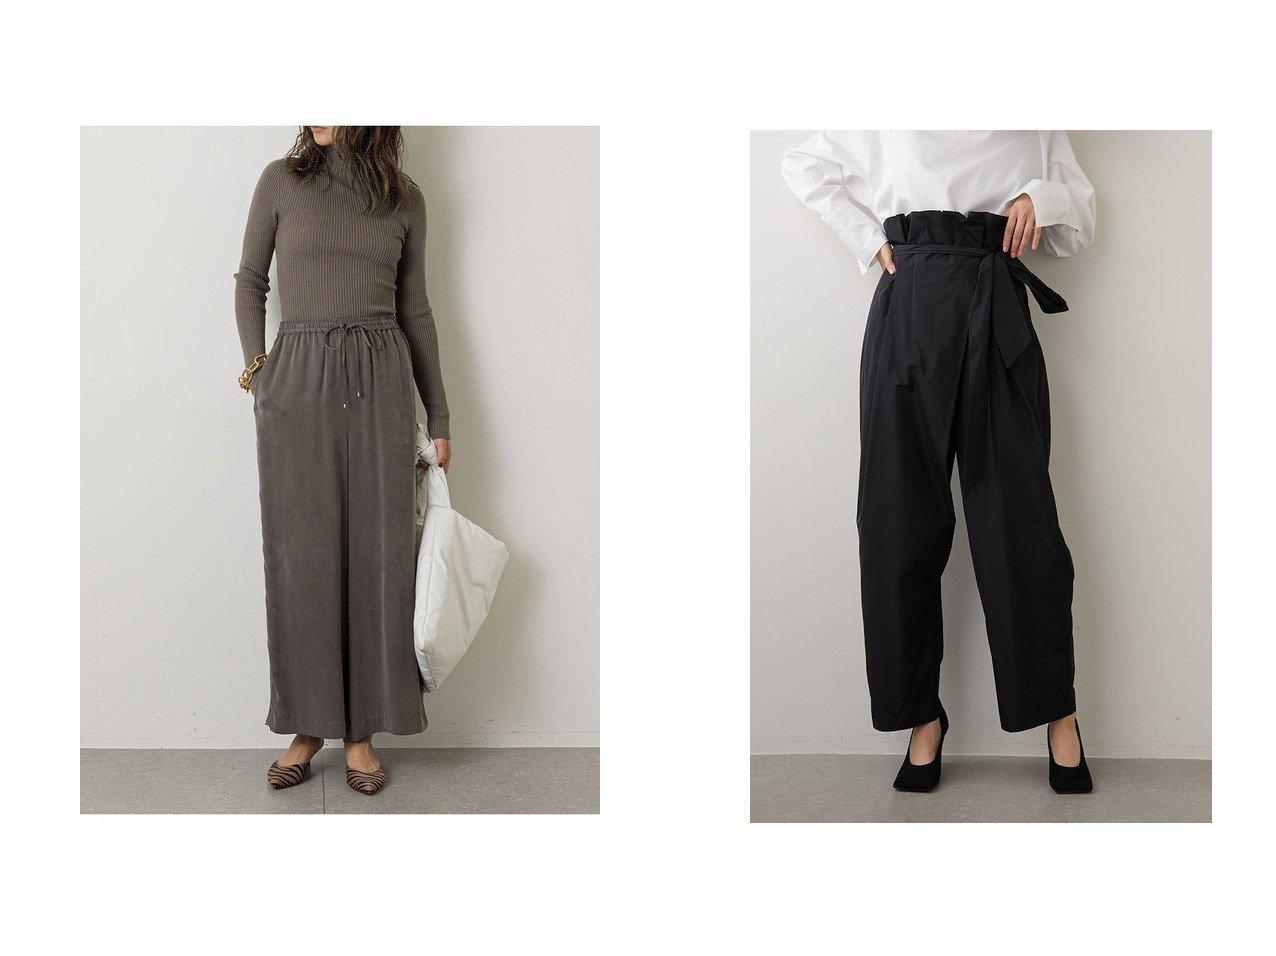 【Whim Gazette/ウィムガゼット】のタフタウエストマークパンツ&フィブリルイージーパンツ 【パンツ】おすすめ!人気、トレンド・レディースファッションの通販 おすすめで人気の流行・トレンド、ファッションの通販商品 インテリア・家具・メンズファッション・キッズファッション・レディースファッション・服の通販 founy(ファニー) https://founy.com/ ファッション Fashion レディースファッション WOMEN パンツ Pants ヴィンテージ キュプラ サテン ストレート A/W・秋冬 AW・Autumn/Winter・FW・Fall-Winter 2020年 2020 2021年 2021 2020-2021秋冬・A/W AW・Autumn/Winter・FW・Fall-Winter/2020-2021 2021-2022秋冬・A/W AW・Autumn/Winter・FW・Fall-Winter・2021-2022 |ID:crp329100000068555